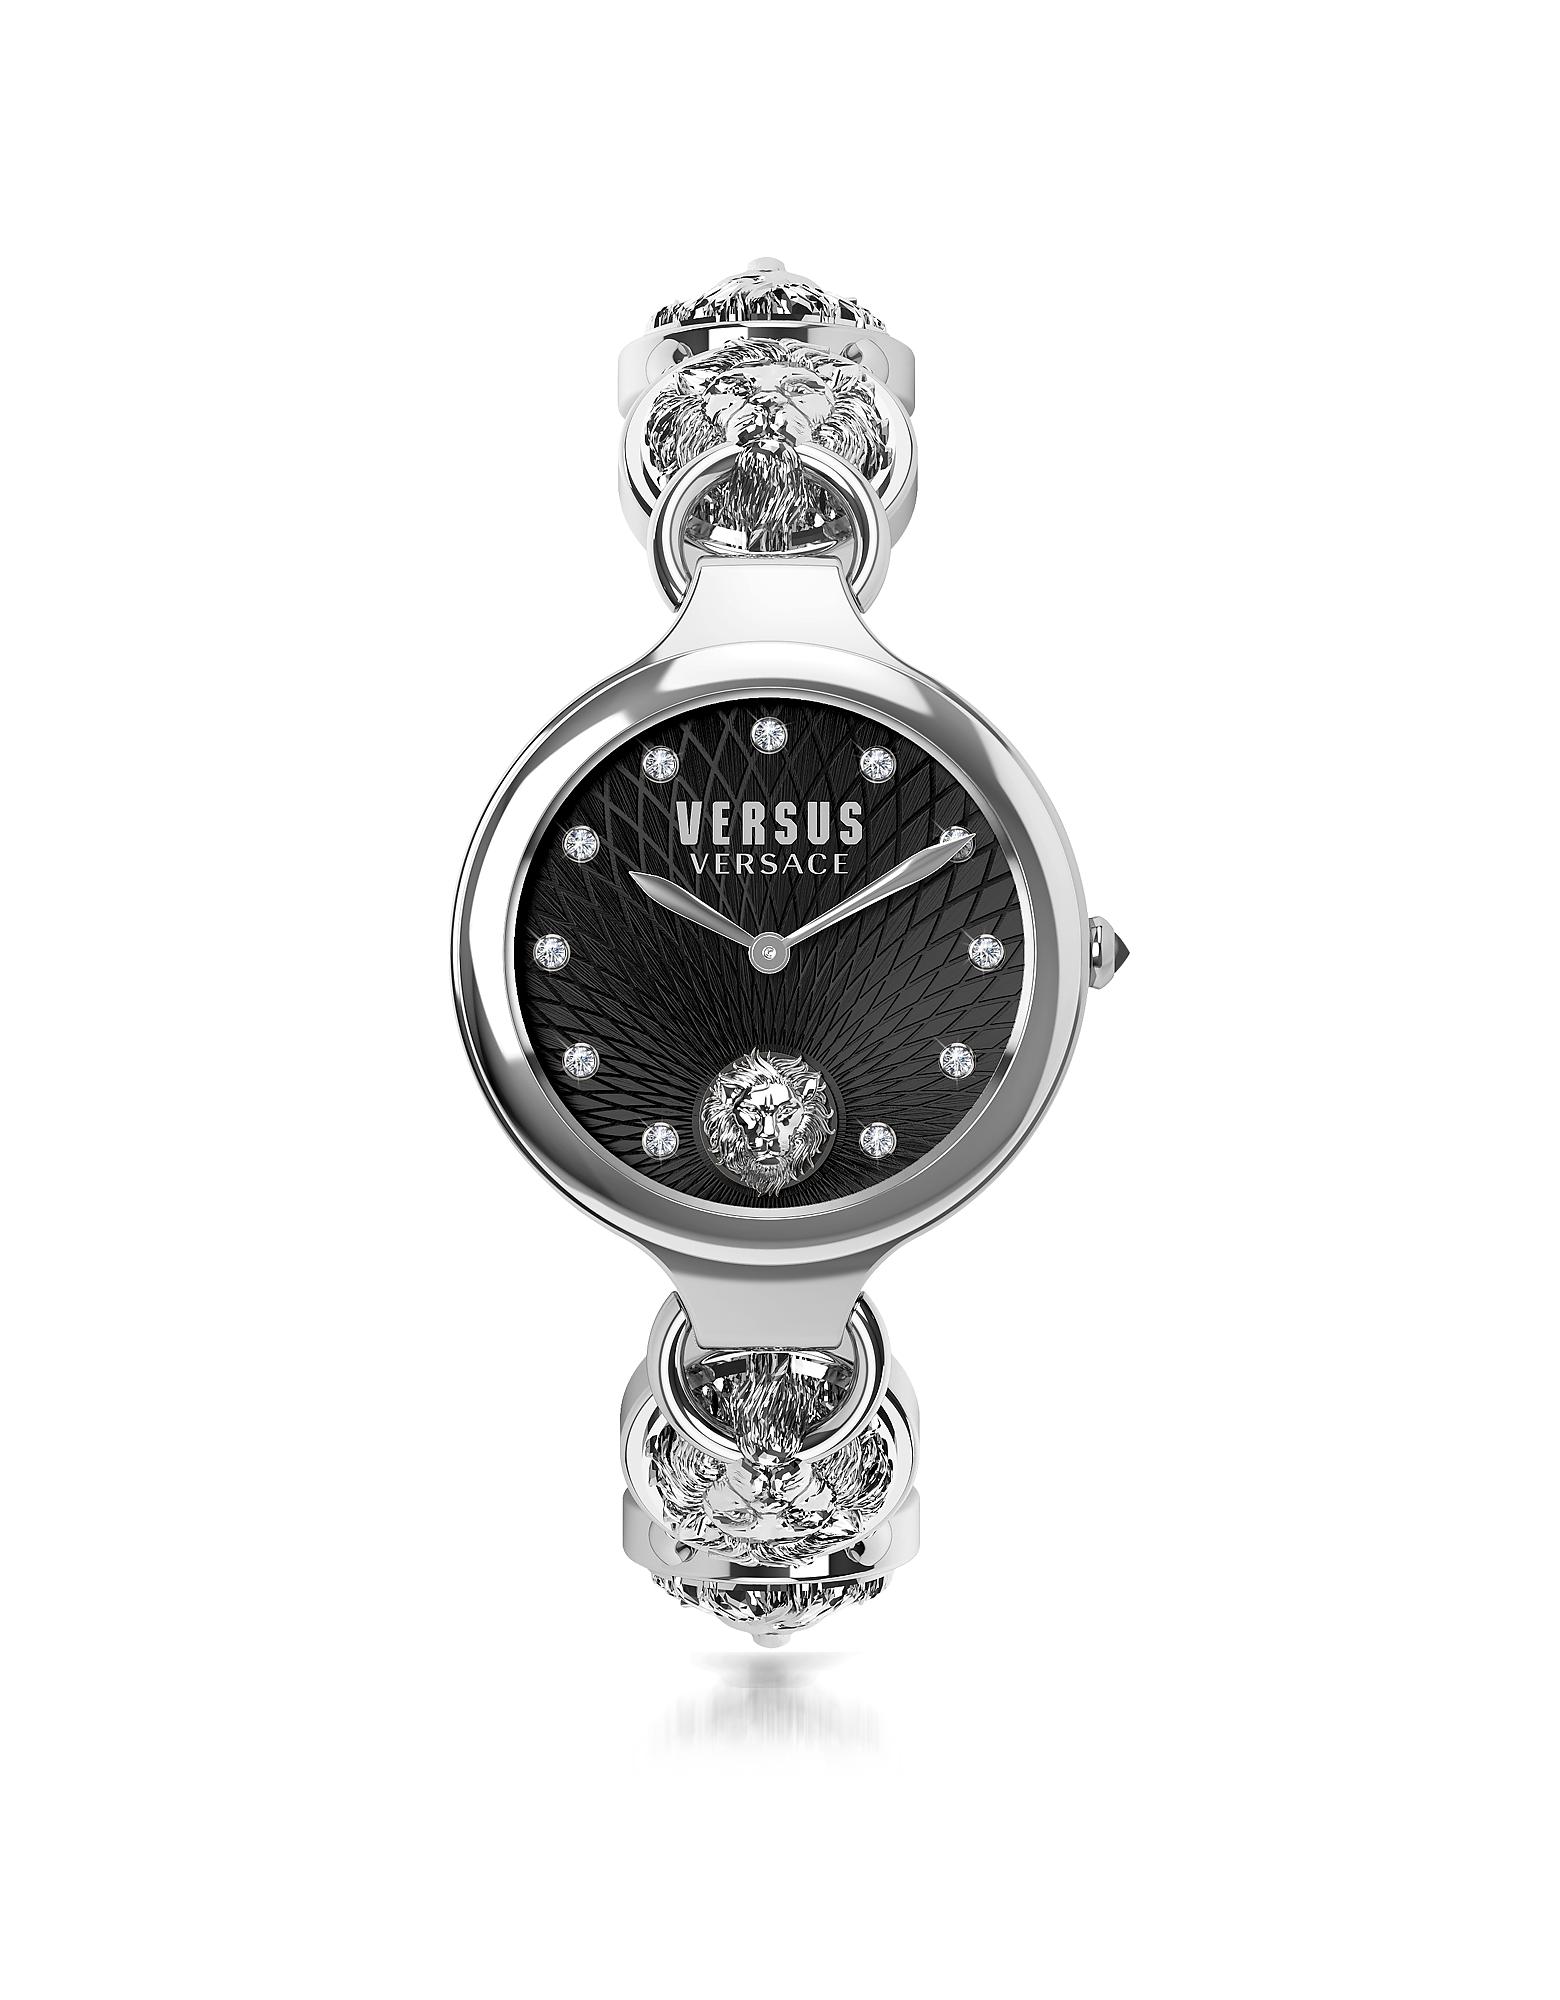 Broadwood - Серебристые Женские Часы из Нержавеющей Стали с Браслетом, Черным Циферблатом и Кристаллами